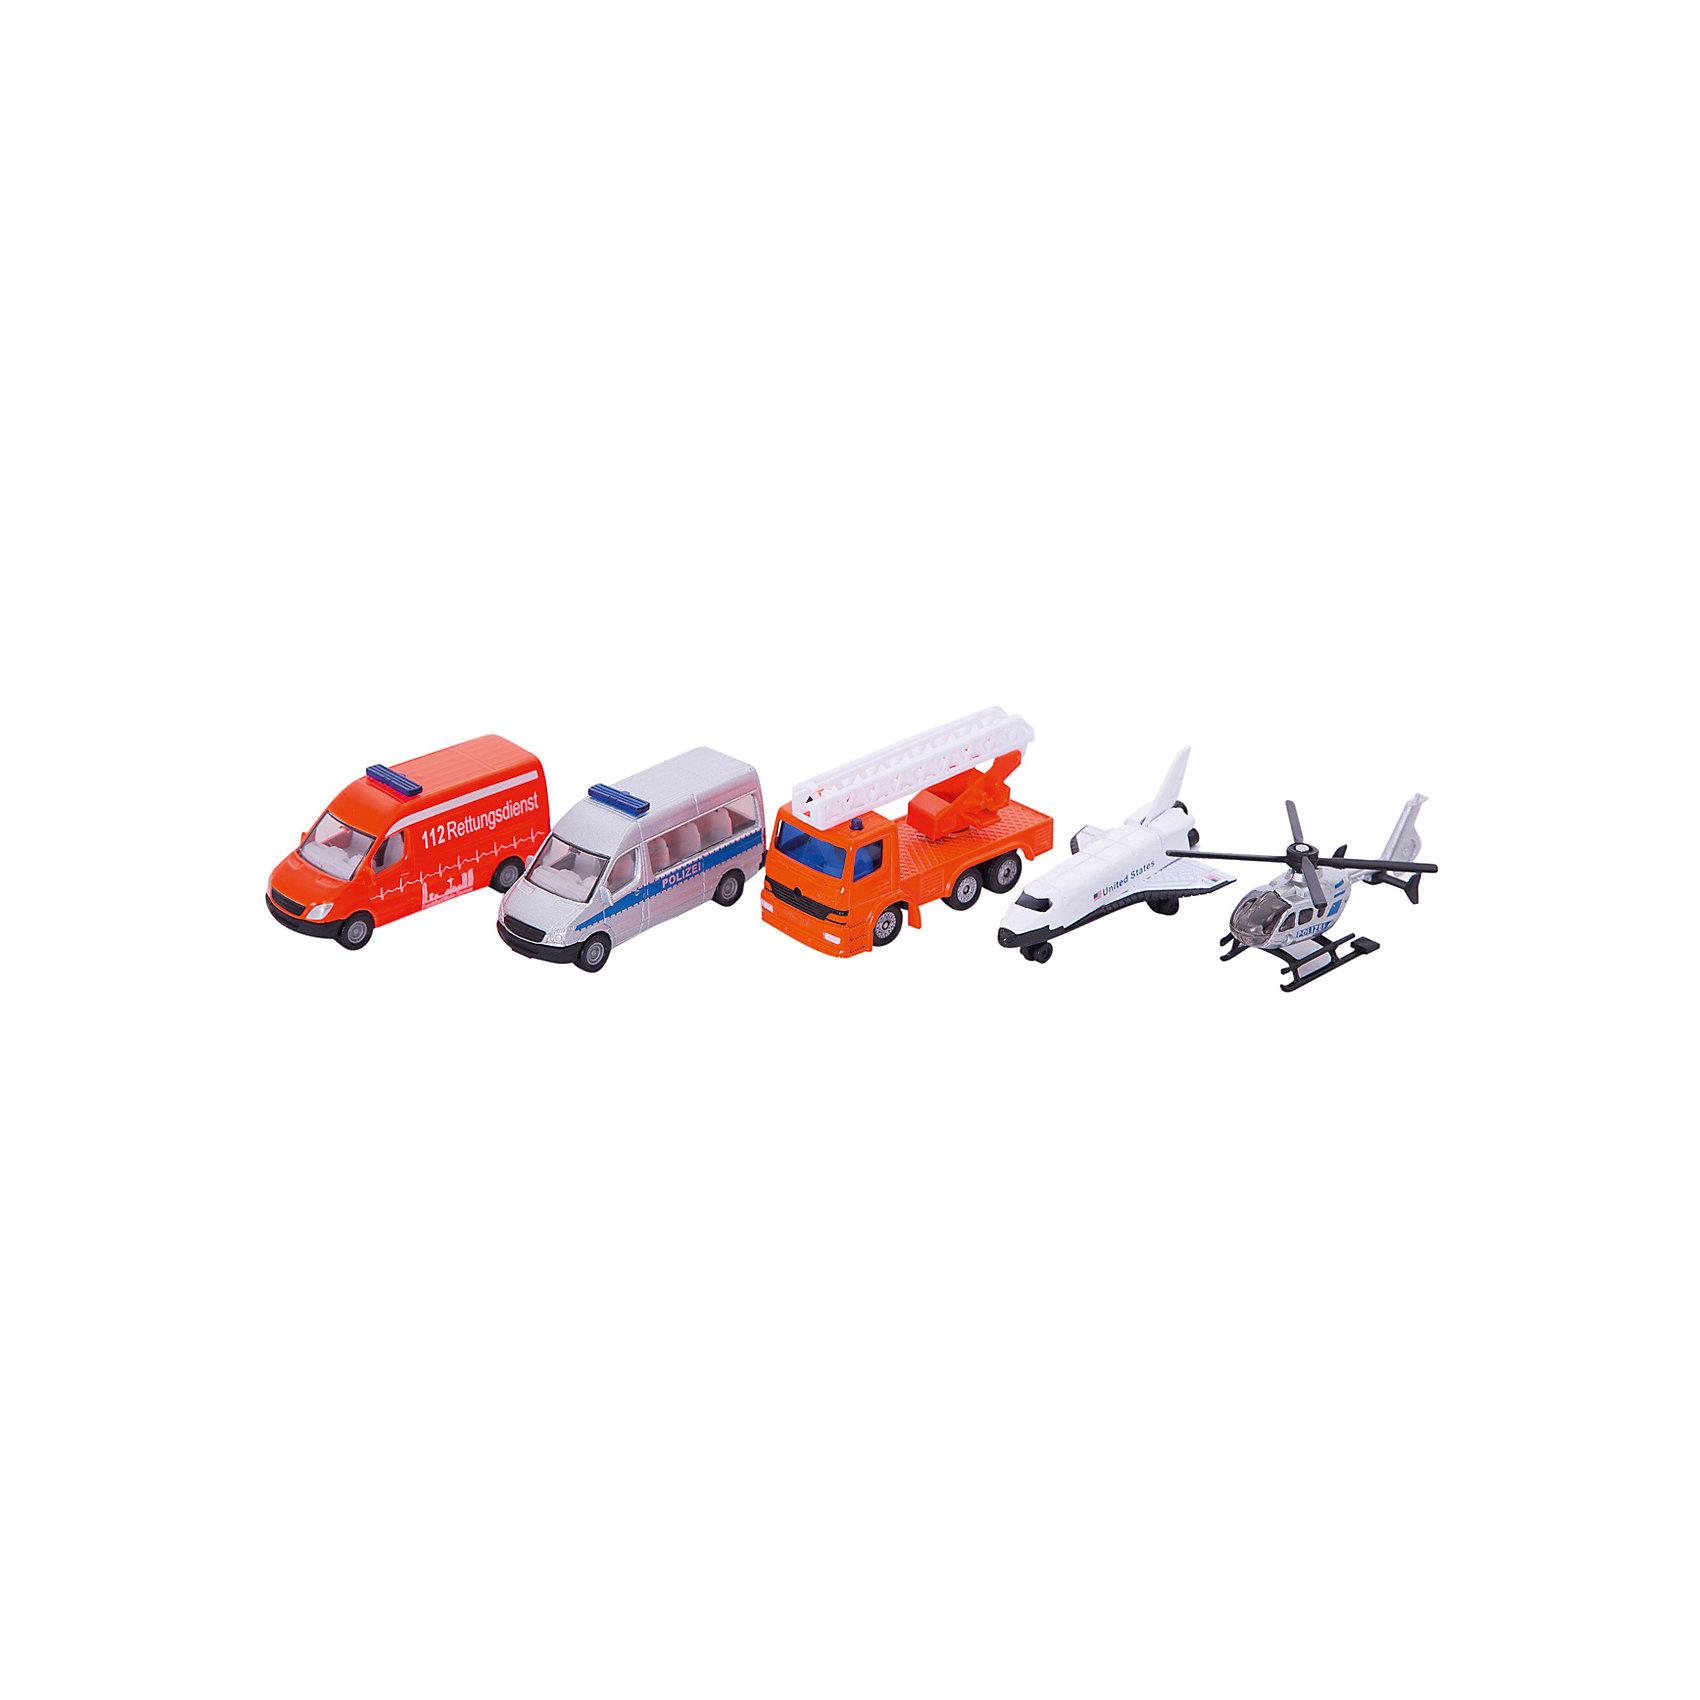 SIKU SIKU 6282 Набор Вертолет, самолет, 2-х микроавт.и кран siku игрушка гидравлический кран